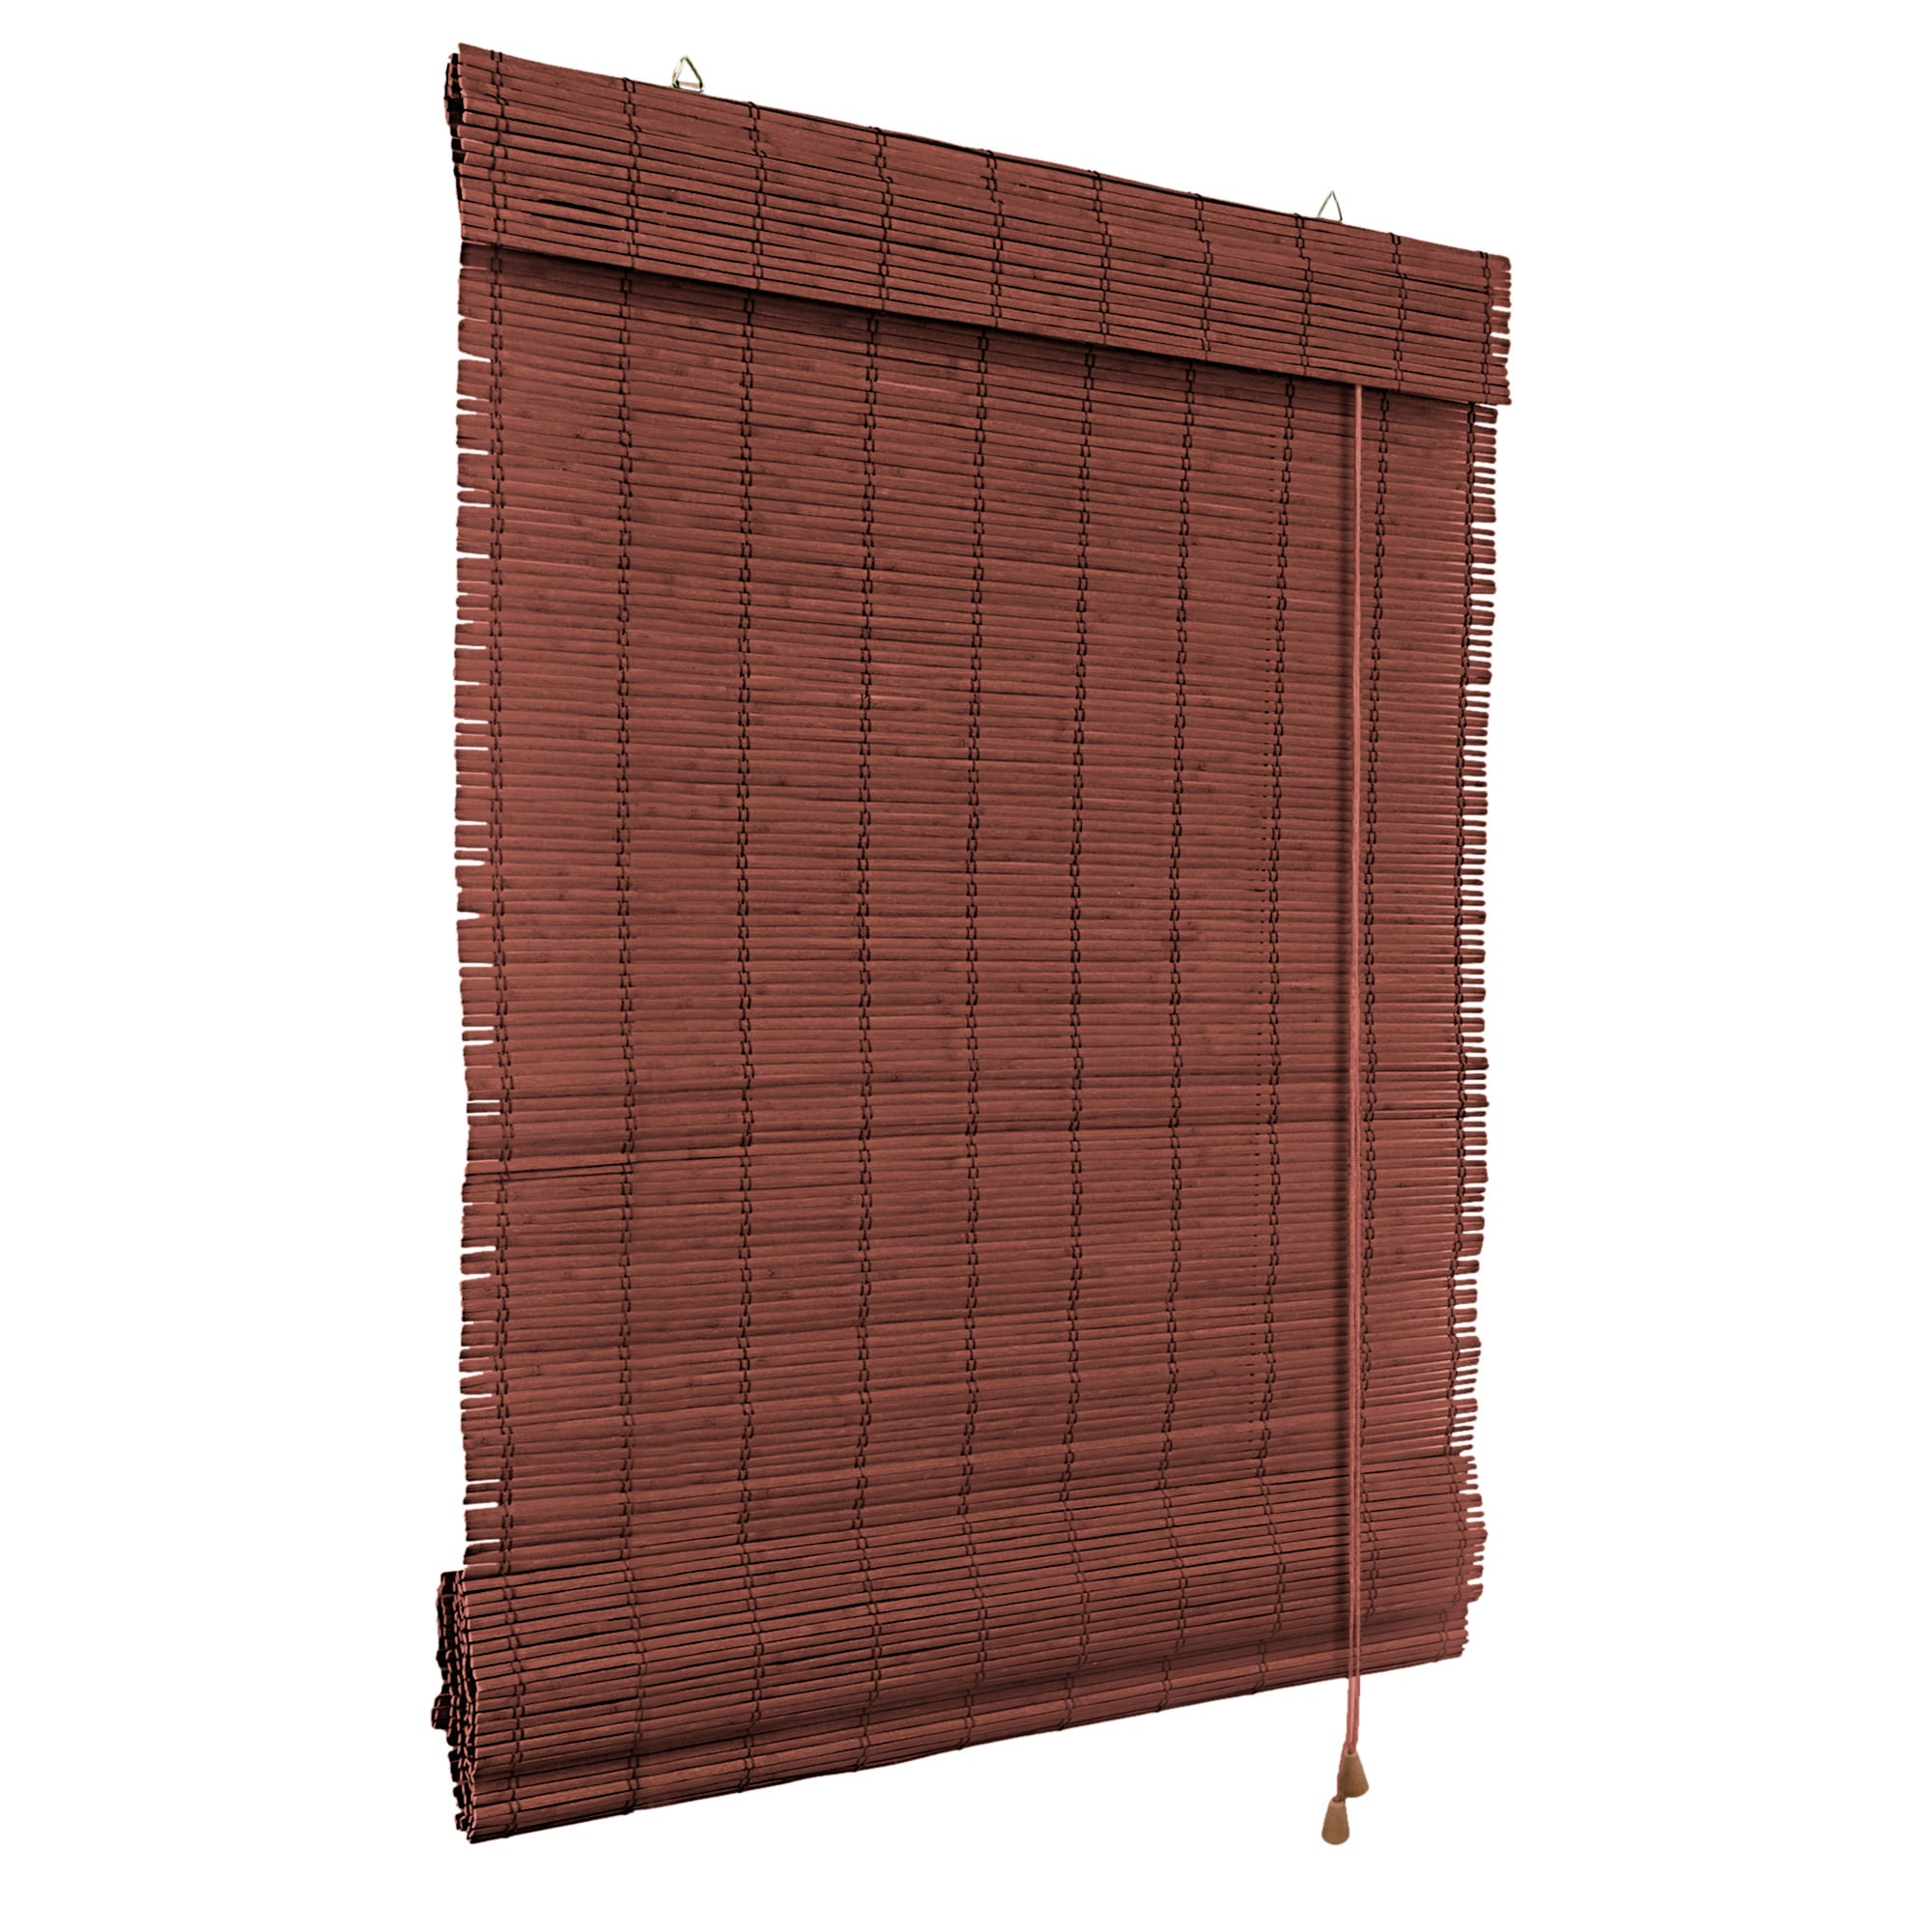 bambus raffrollo rollo faltenrollo f r fenster mit. Black Bedroom Furniture Sets. Home Design Ideas